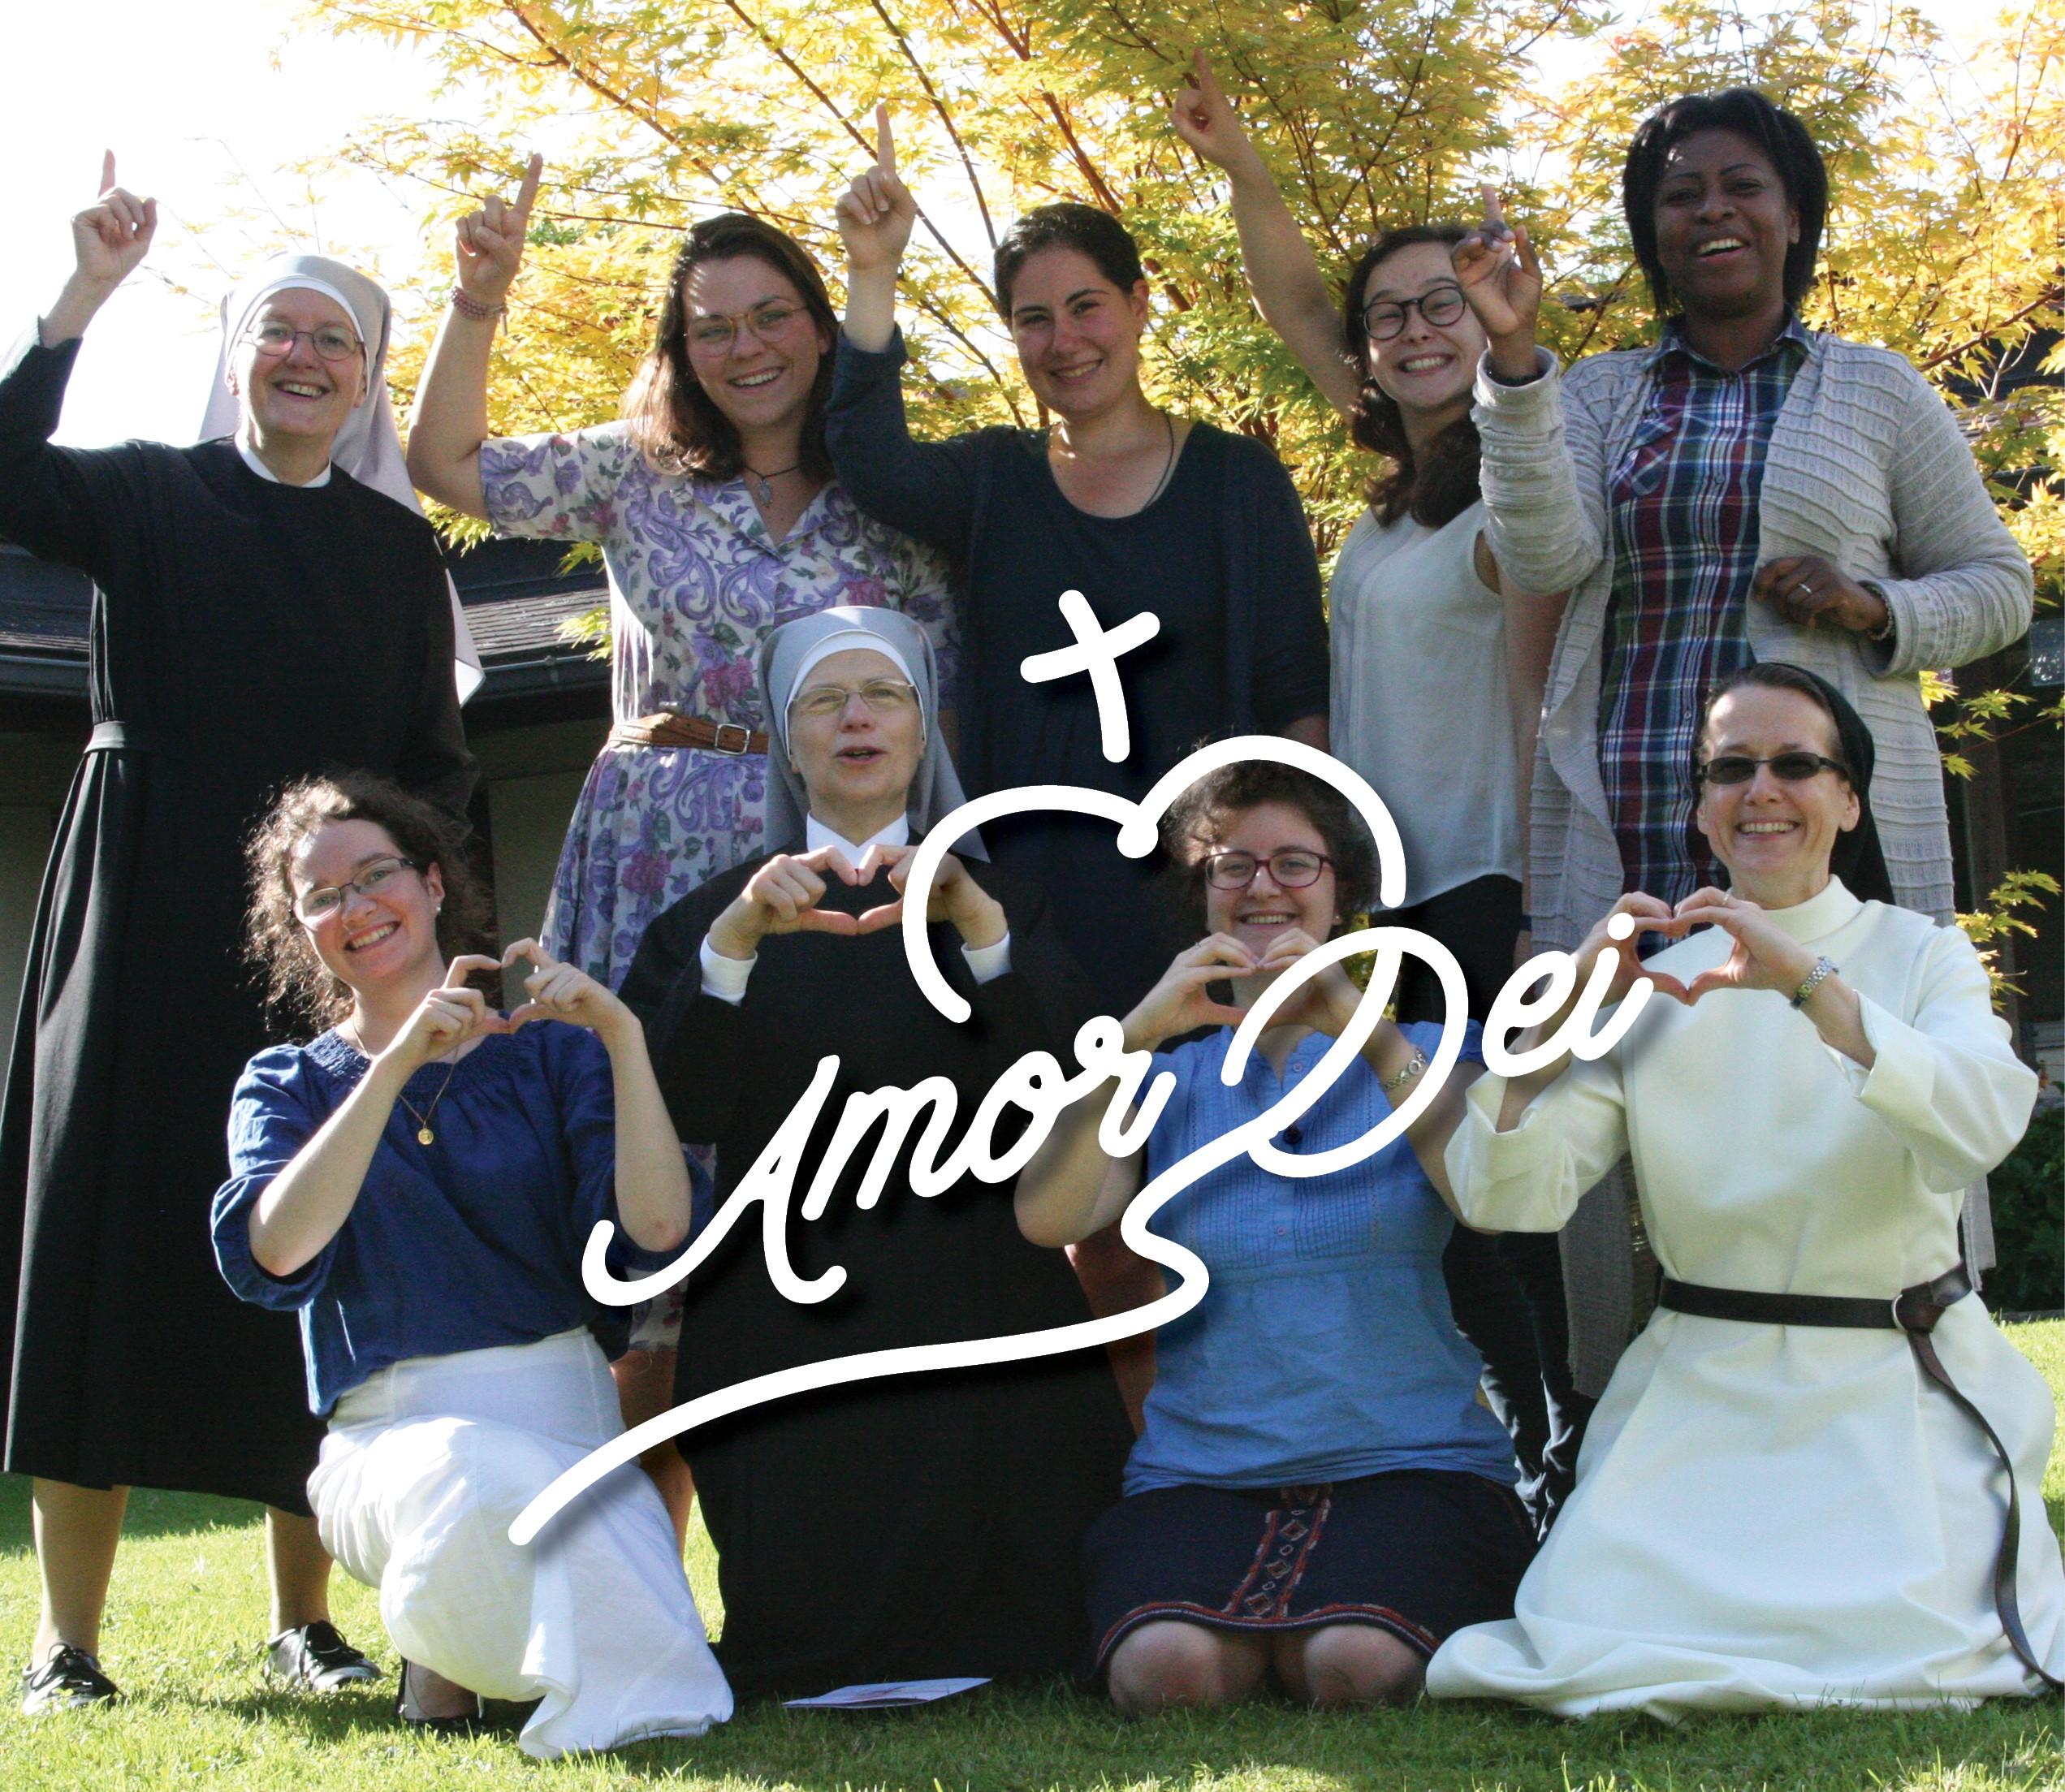 Amor Dei Parcours vocation